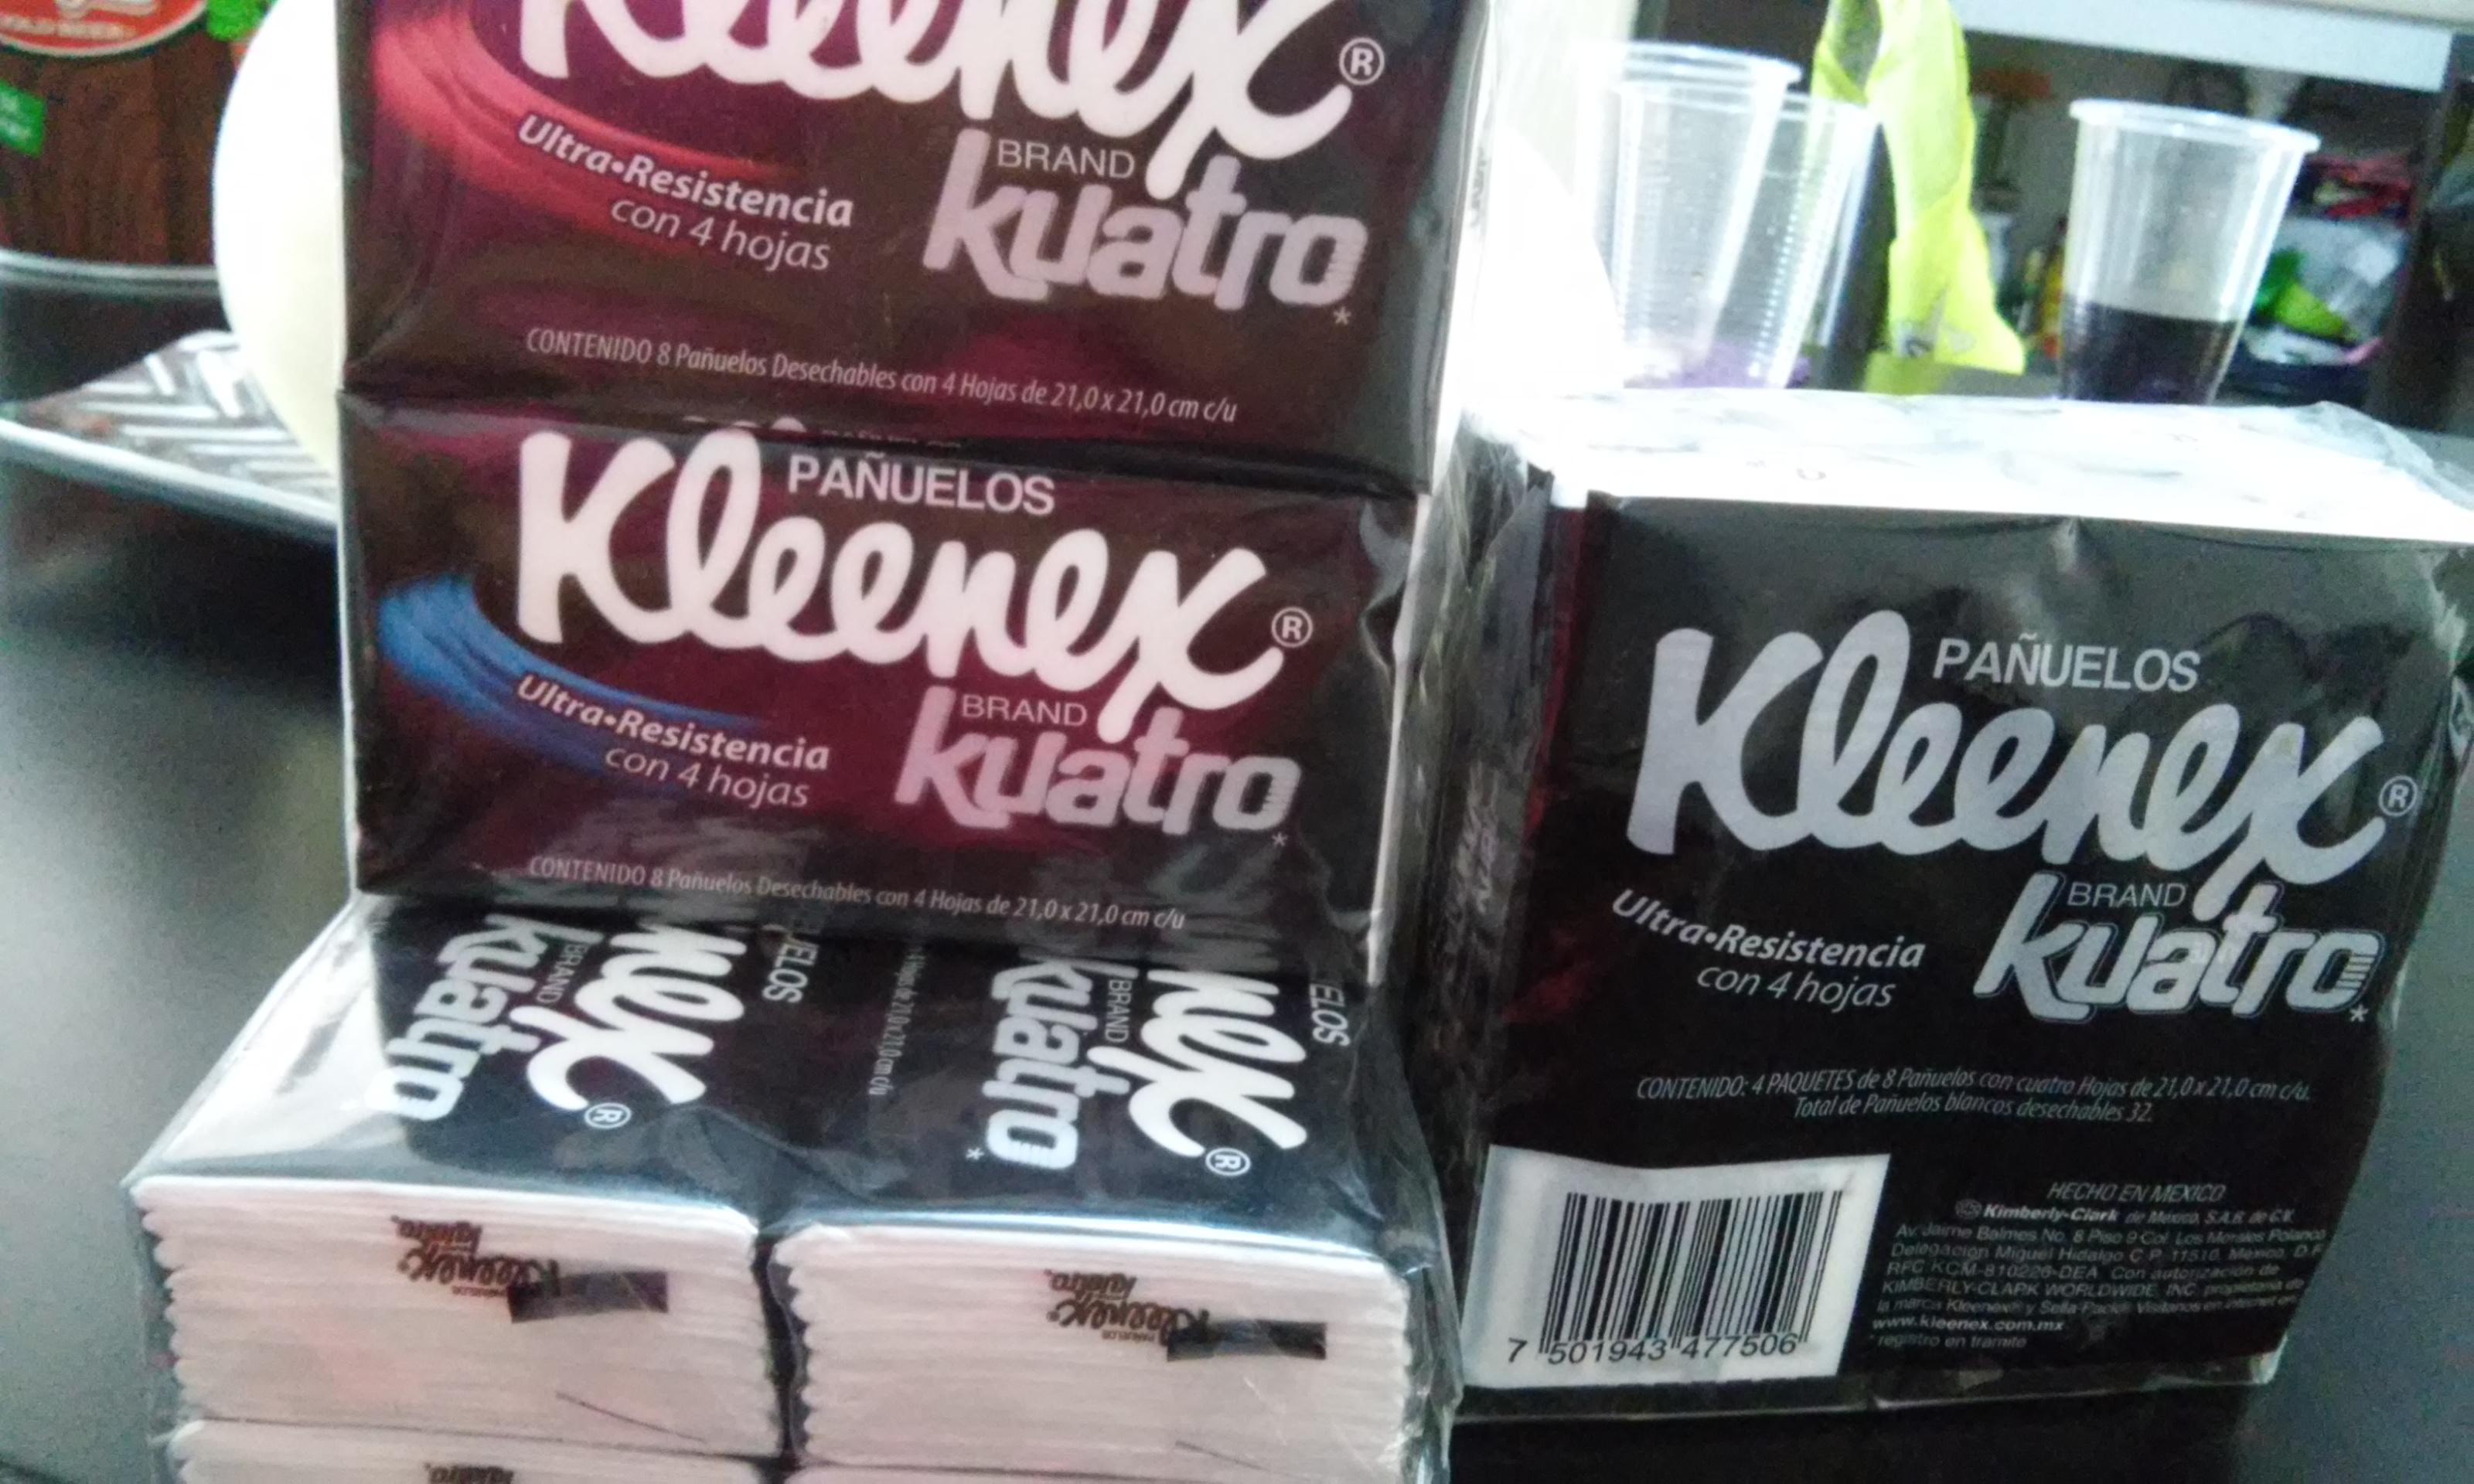 Bodega Aurrerá: coloso Kleenex Kuatro $6.03